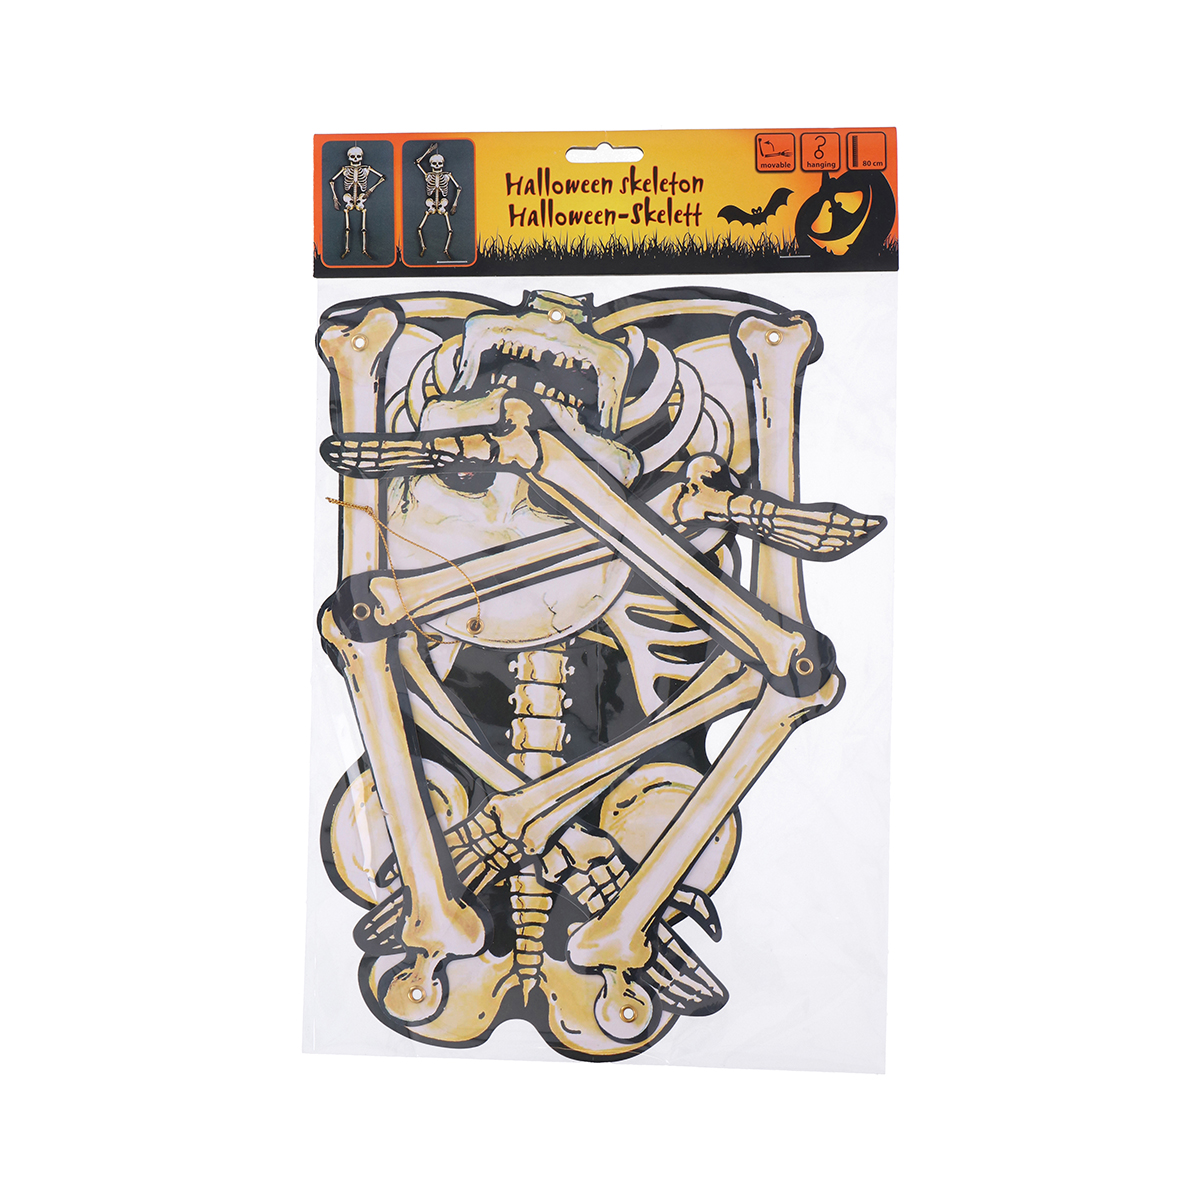 Decoratiune schelet halloween, 80 cm imagine